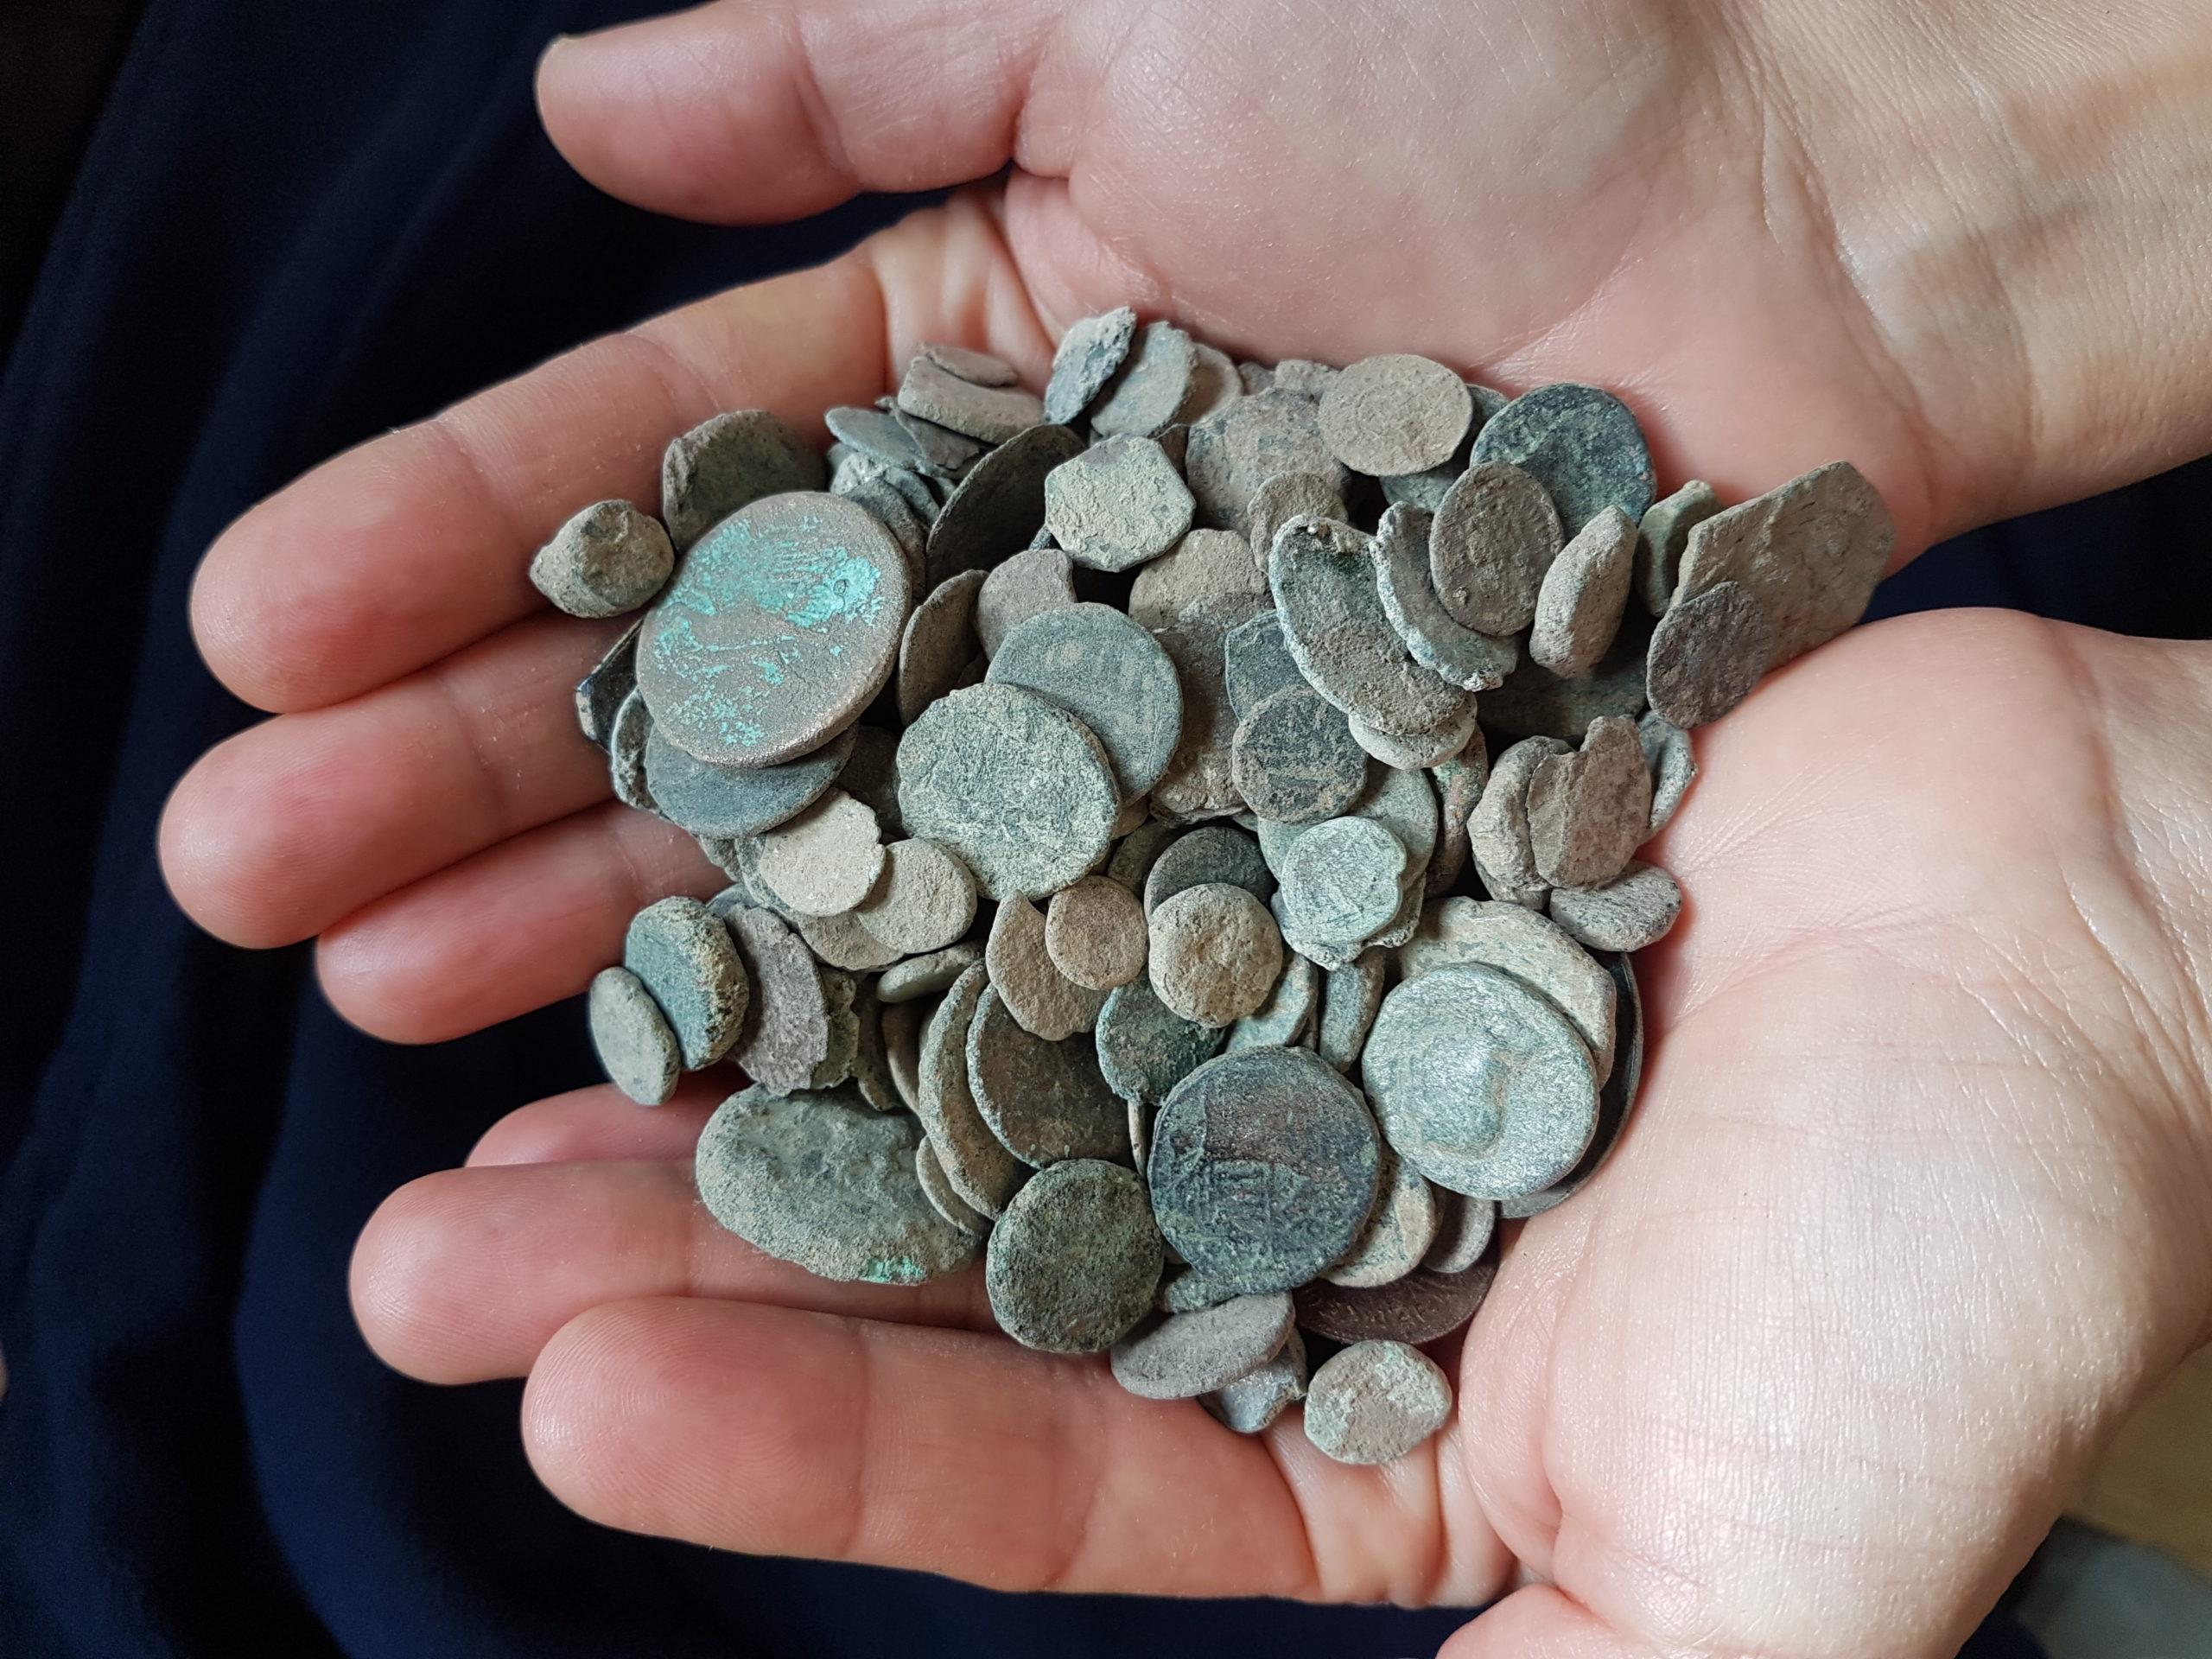 מטבעות גנובים - צילום-ירון ביבס רשות העתיקות